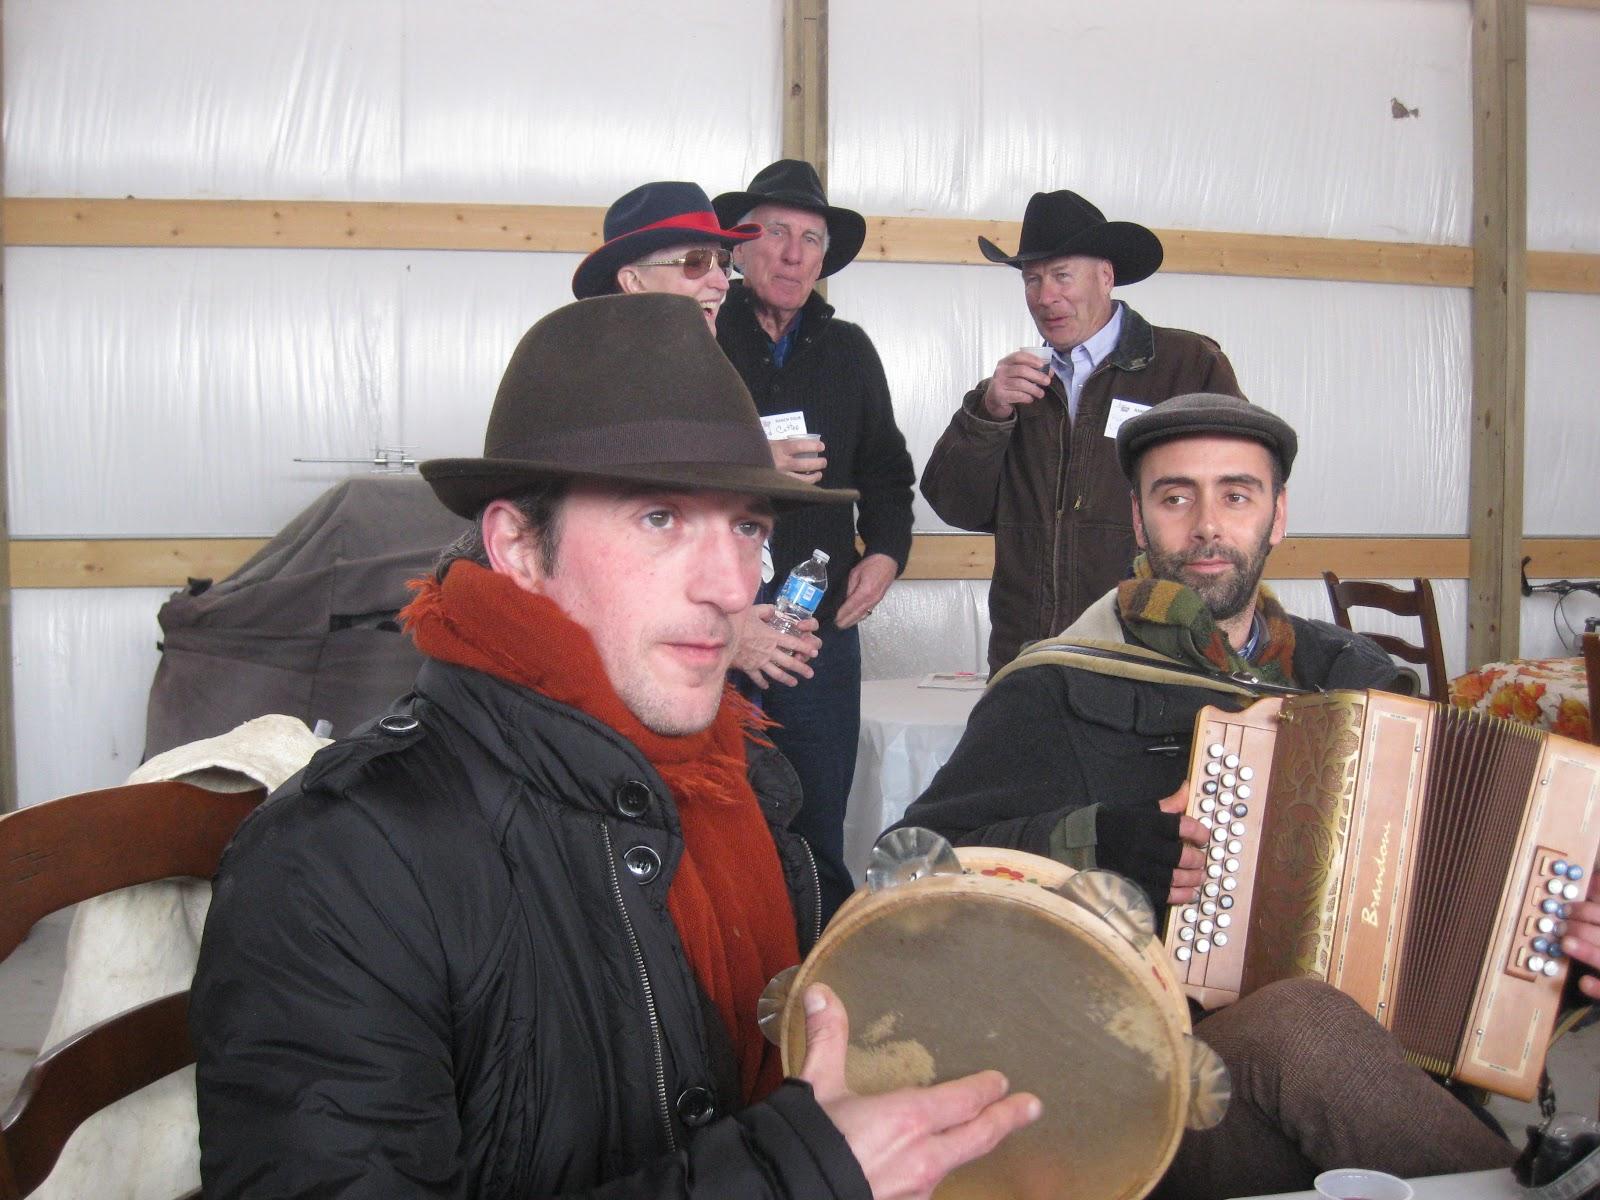 cowboy e Cowgirls sito di incontri datazione di un uomo spagnolo